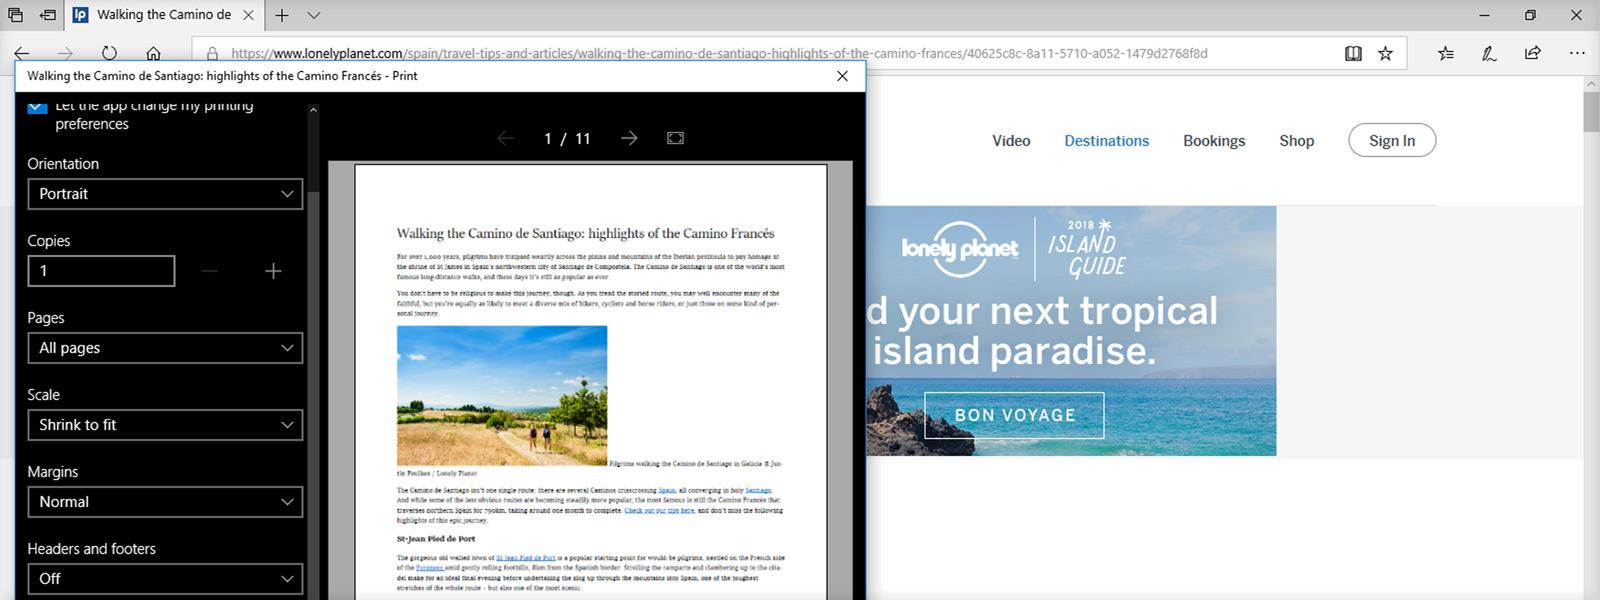 Skjermbilde av en utskriftsforhåndsvisning i Edge som mangler annonsene på en gitt nettside